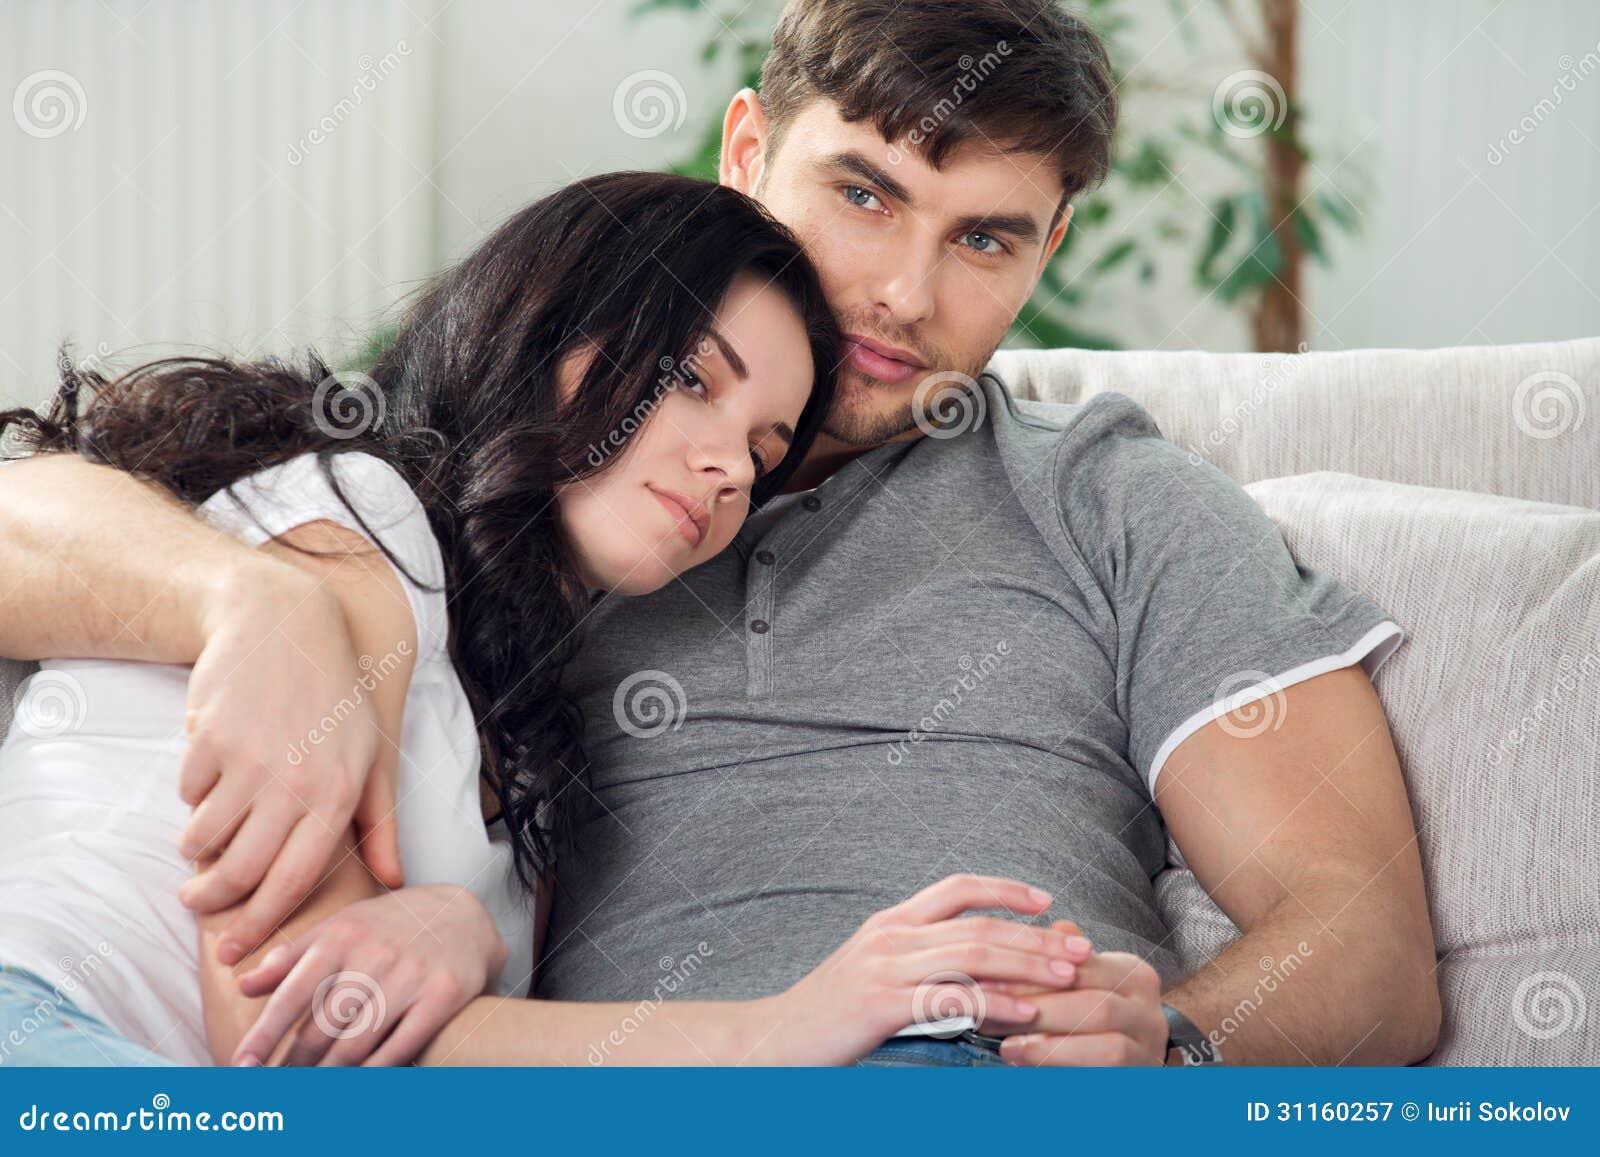 Фото парень с девушкой сидят на диване 9 фотография